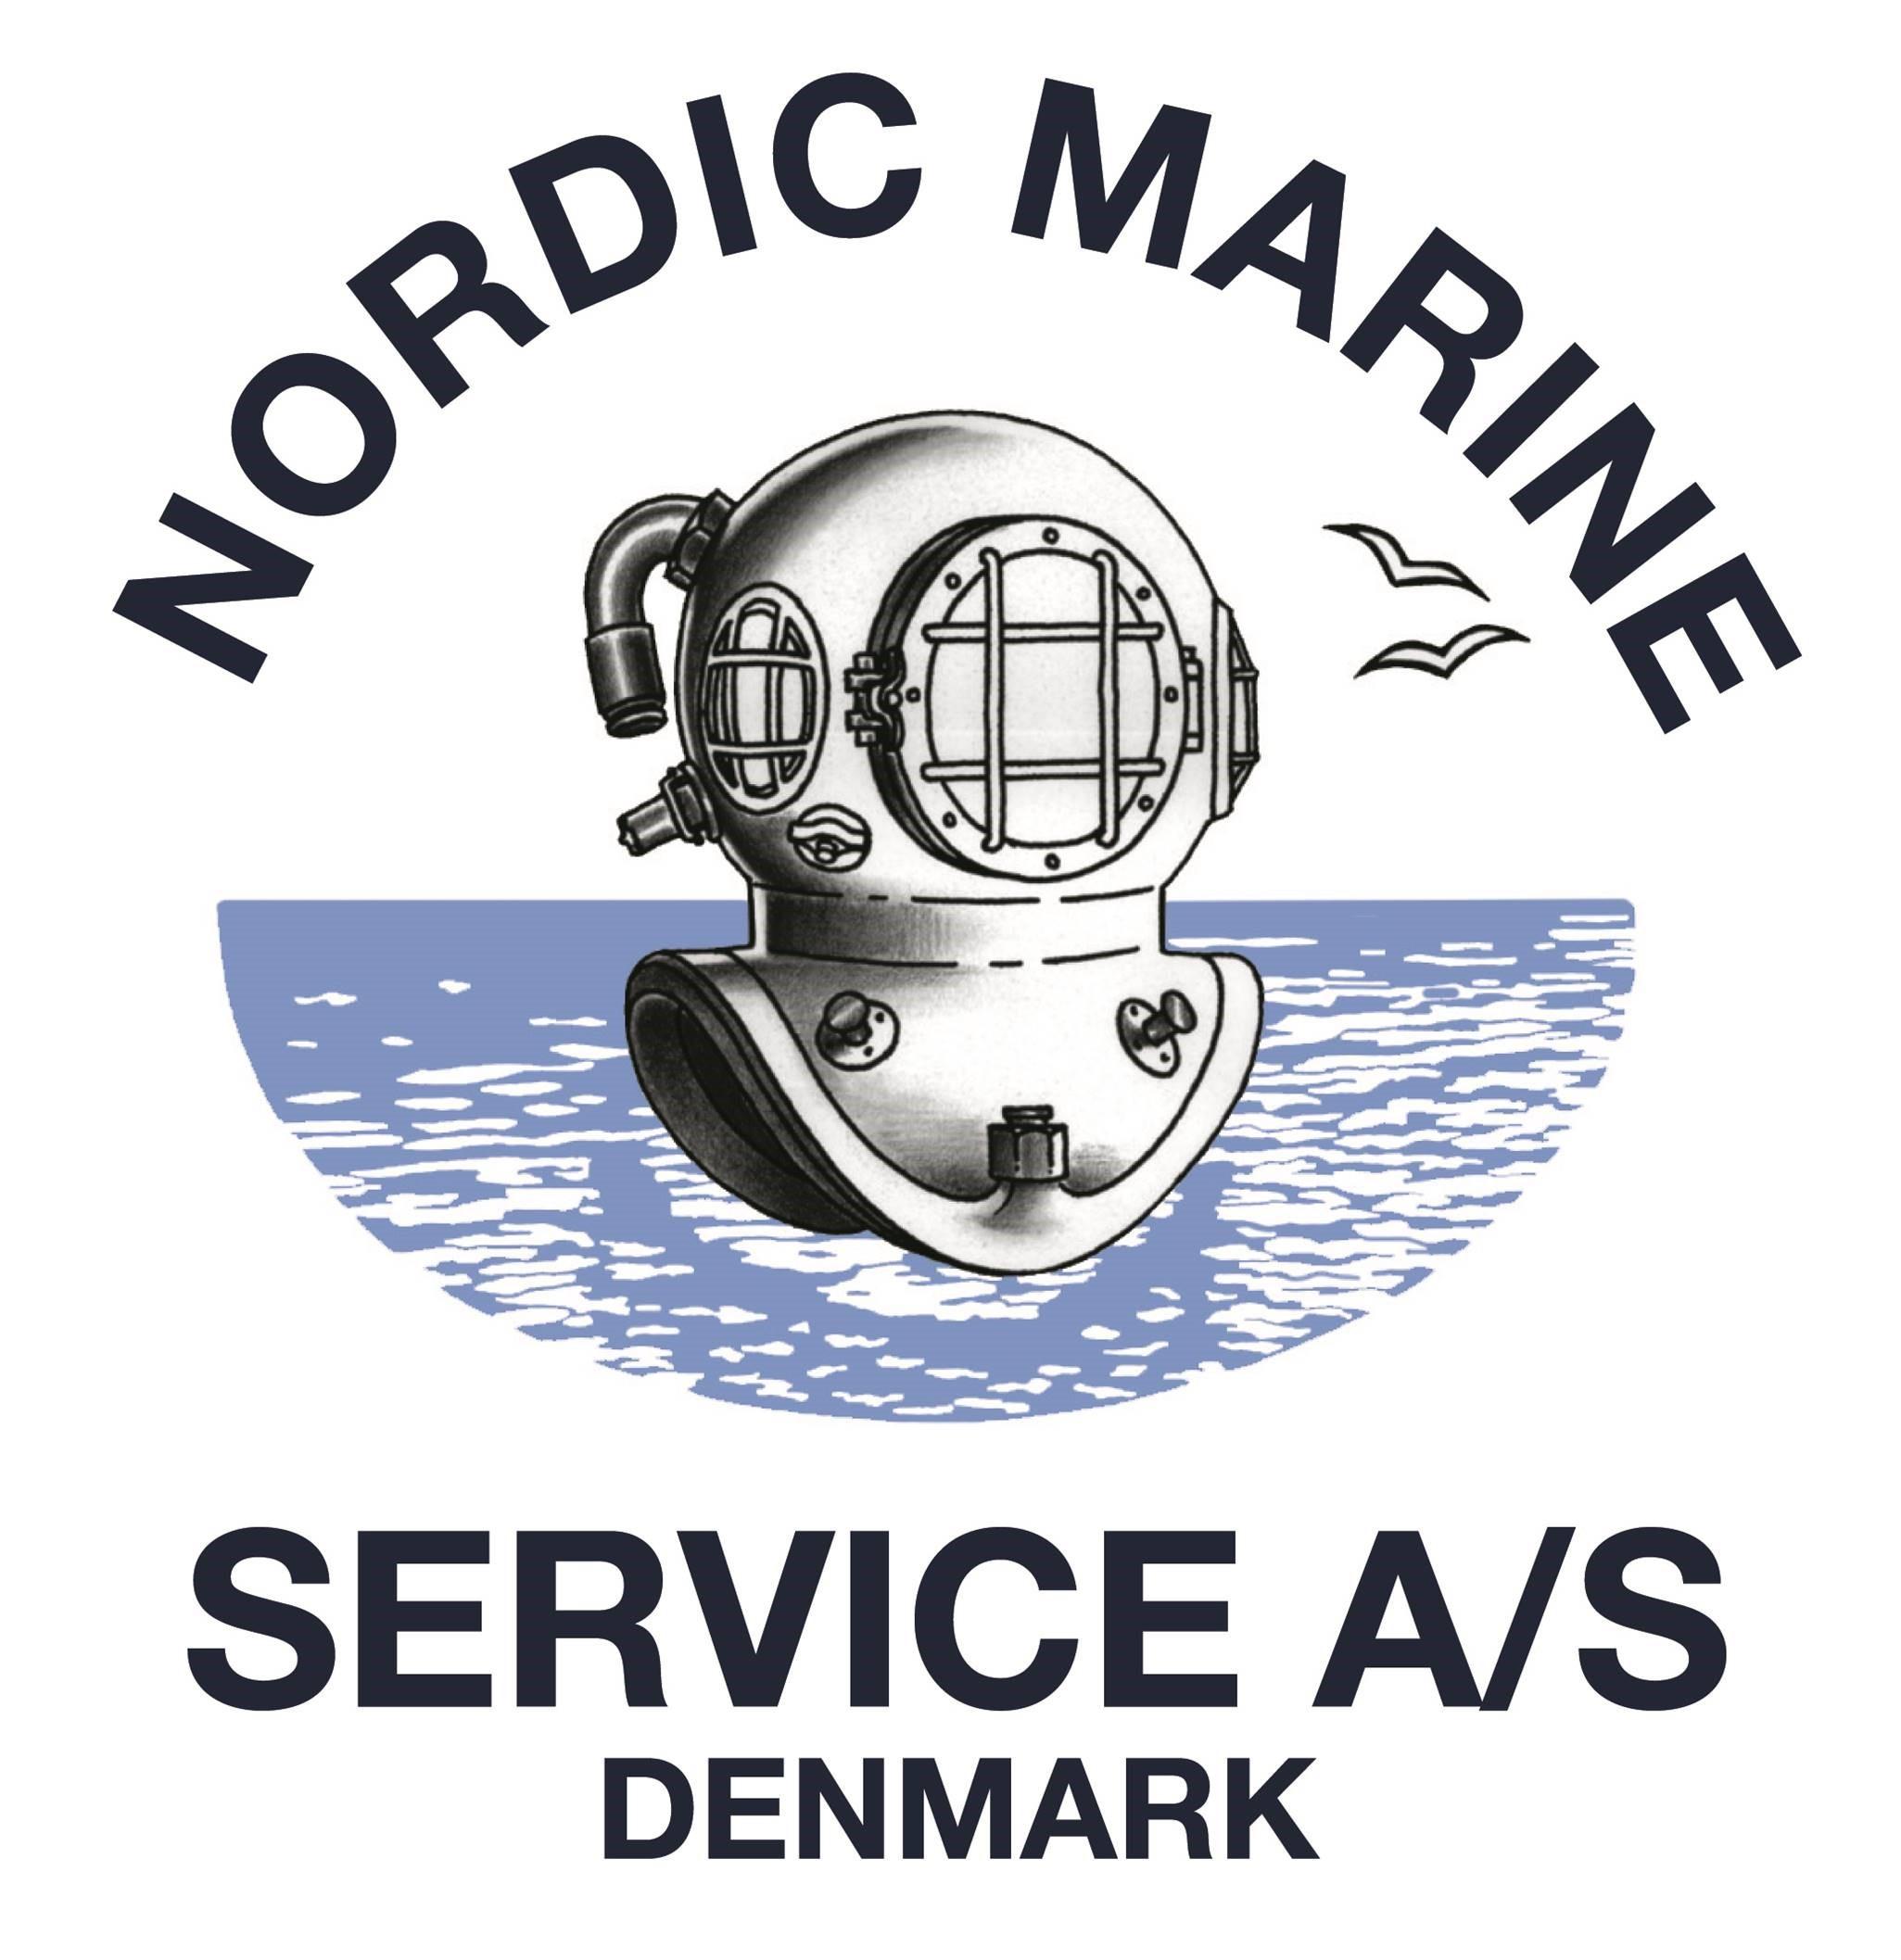 Nordic Marine Service A/S